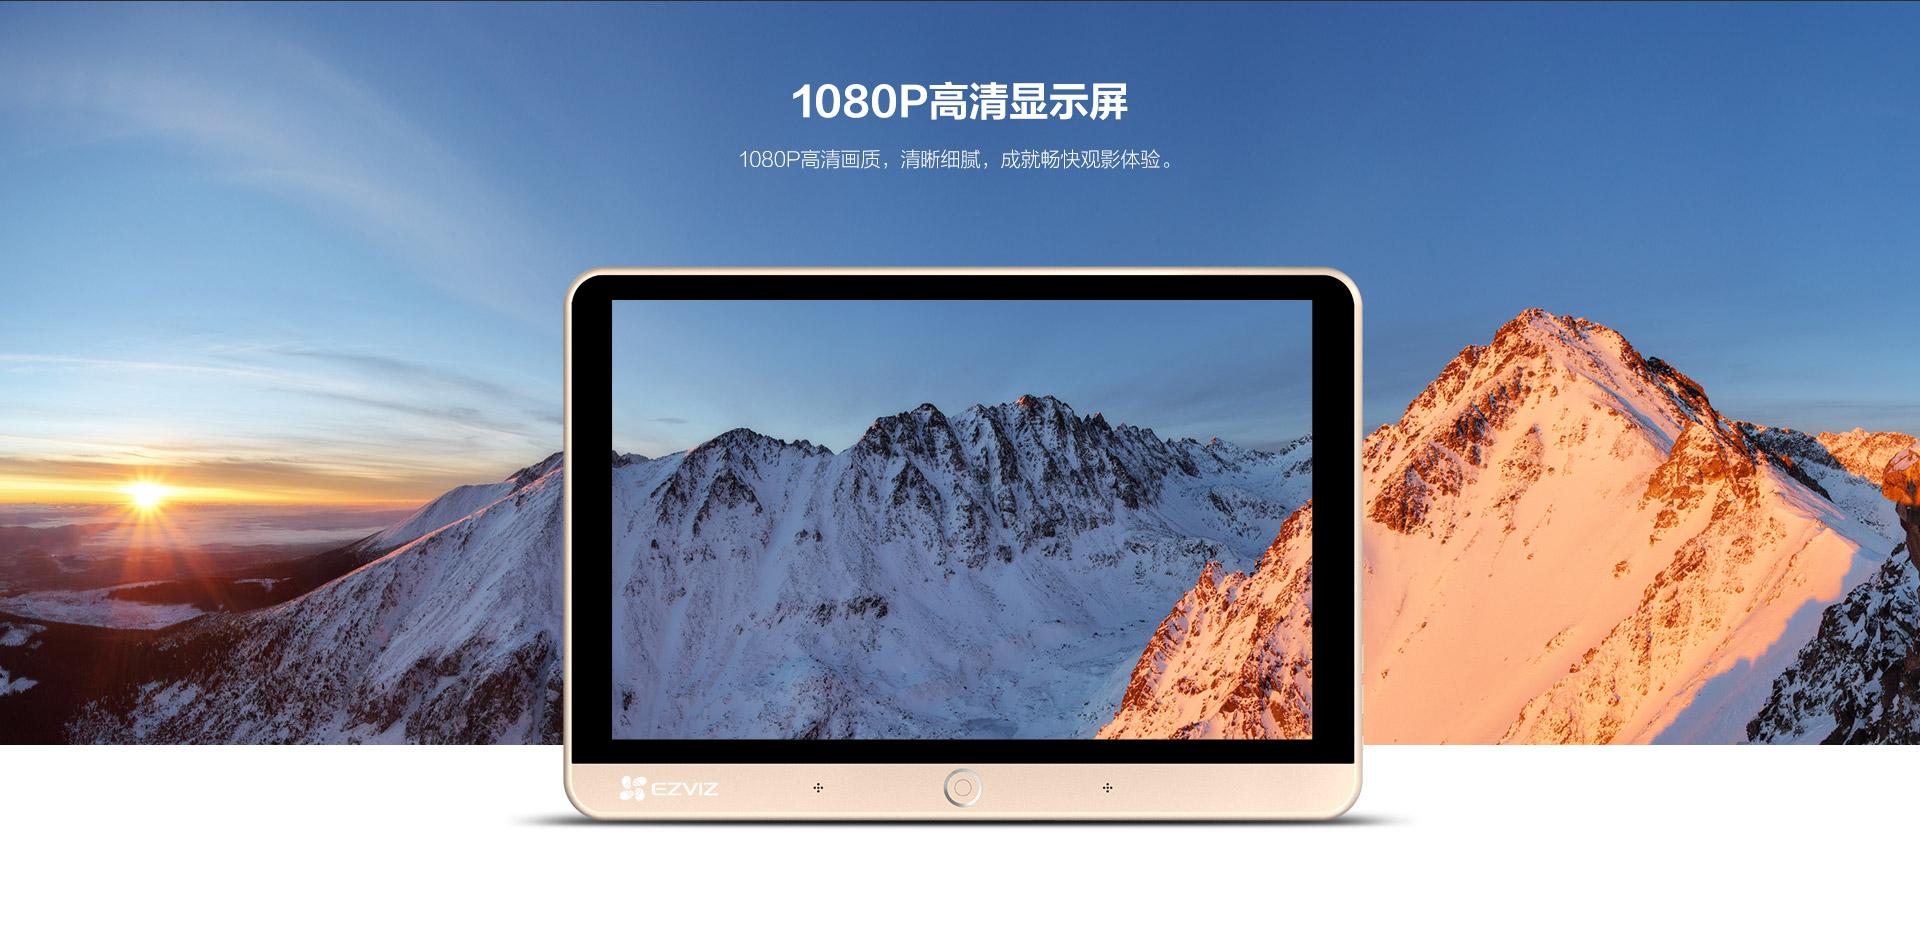 1080P高清显示屏